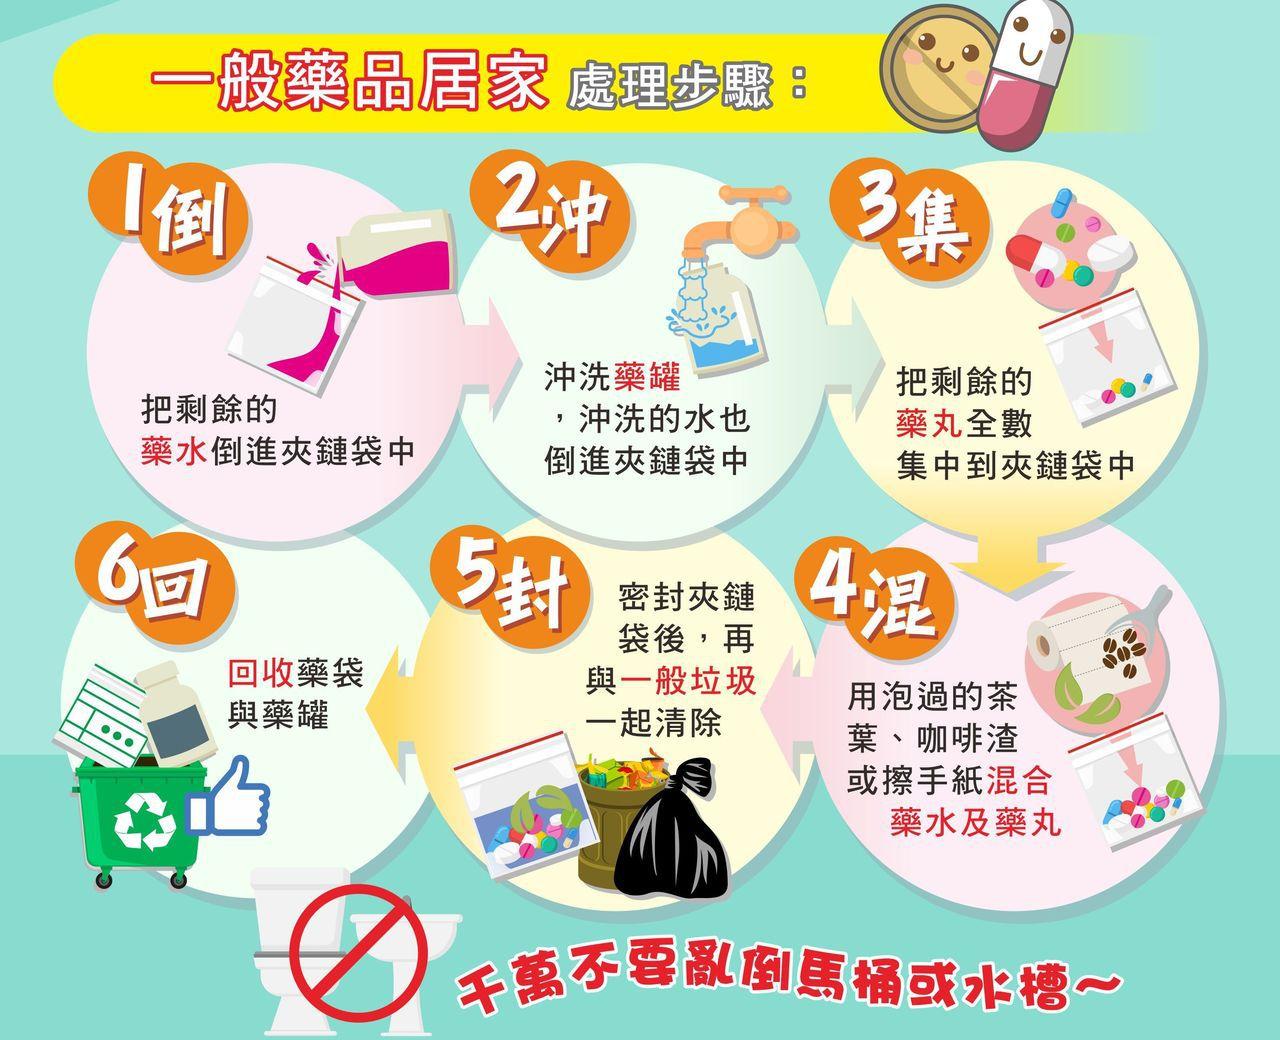 台中市食品藥物安全處提醒民眾,一般藥品廢棄,建議運用「倒、沖、集、混、封、回」6...